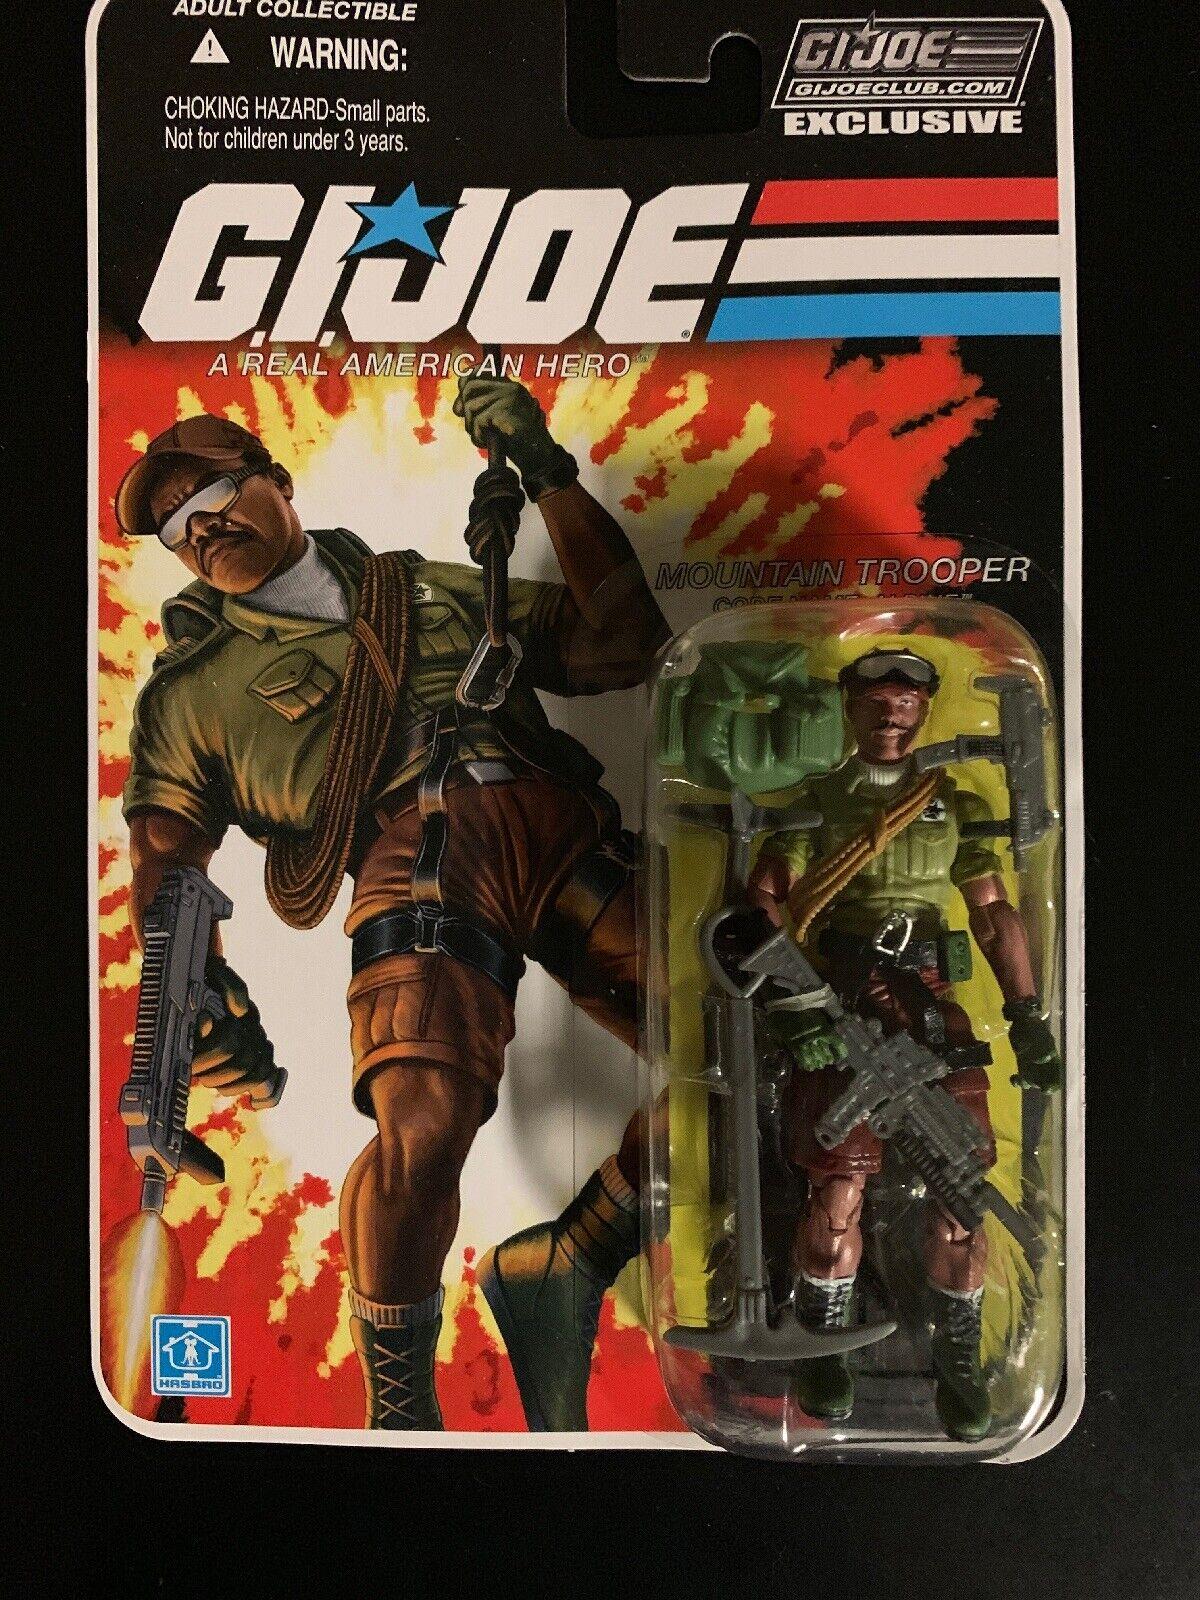 GI JOE FSS 3.0 08 Alpine Mountain Trooper MISP